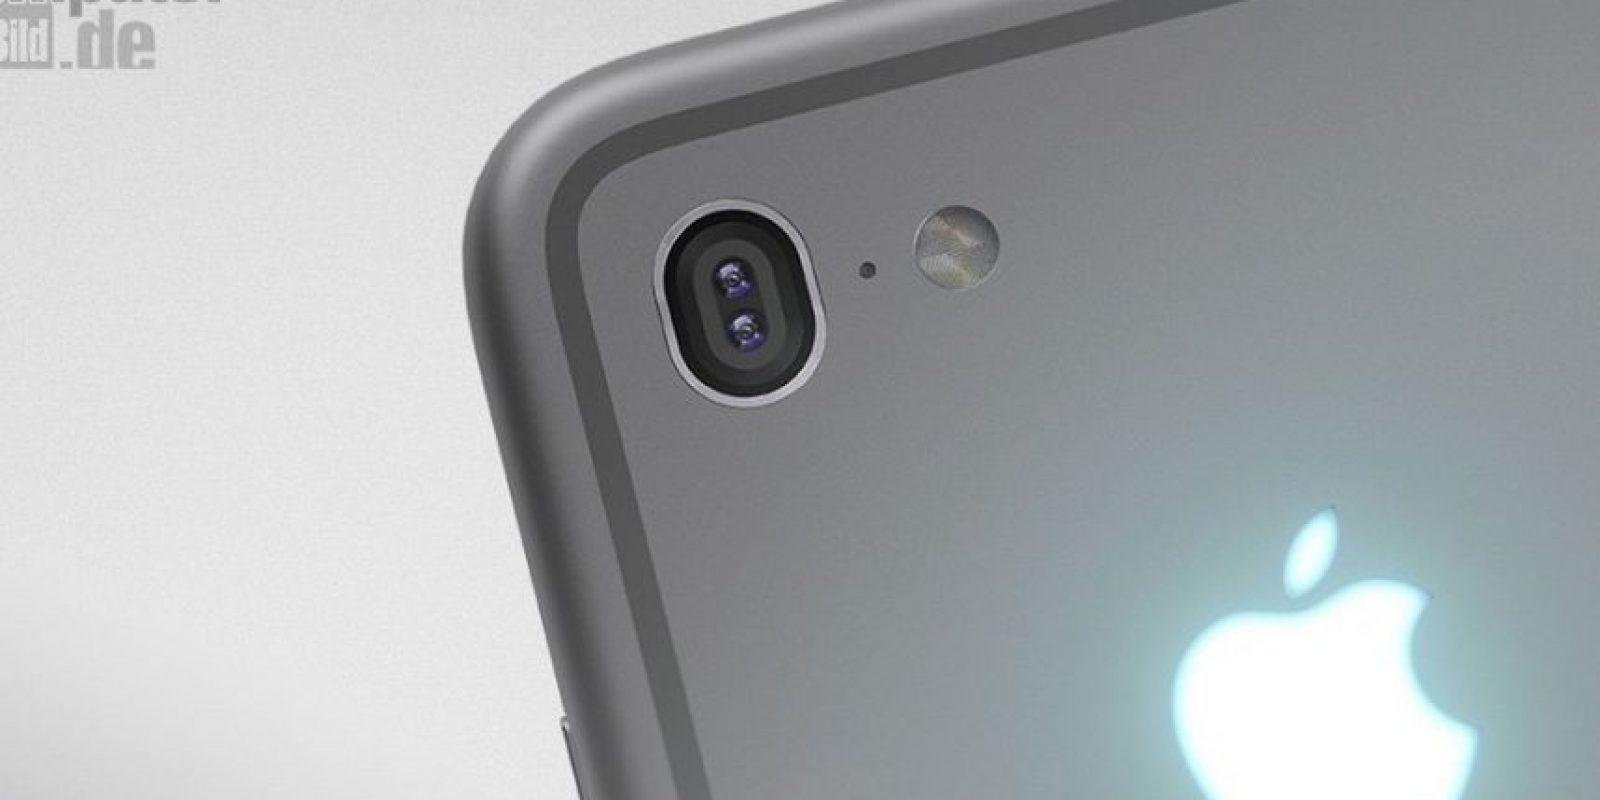 El sitio web alemán Computer-Bild mostró un concepto dle iPhone donde se observaría un logo luminoso y brillante, mismo que sería el primero en los smartphones de la empresa estadounidense. Foto:Tumblr